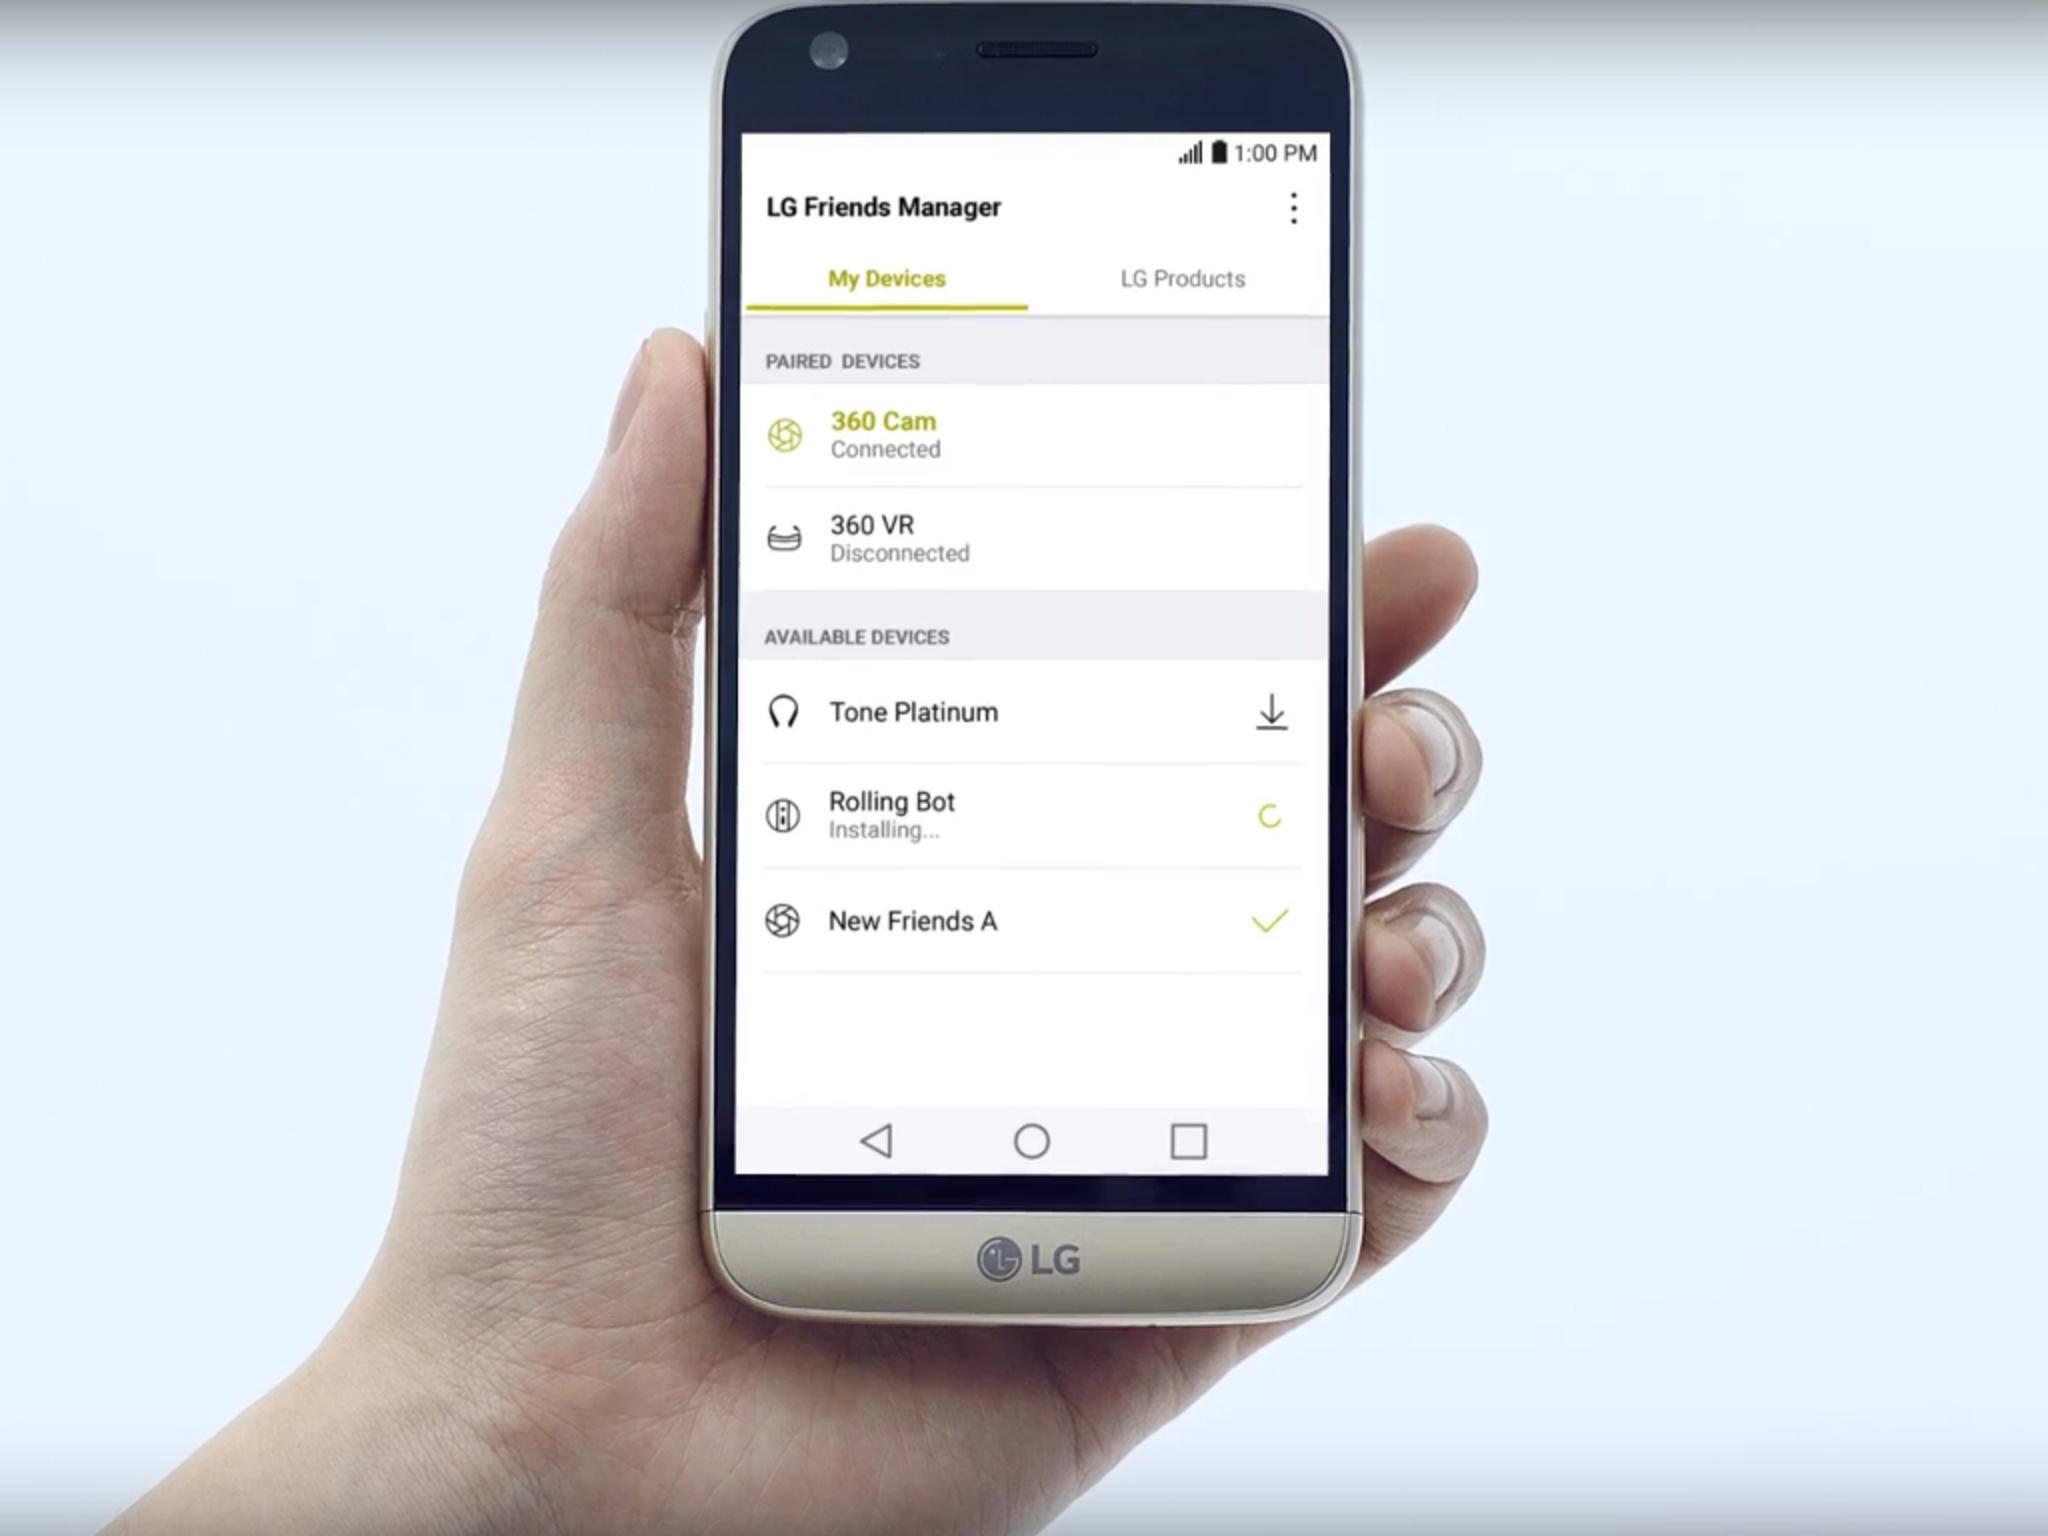 Das LG G5 ist aufgrund seiner modularen Bauweise recht einfach zu reparieren.